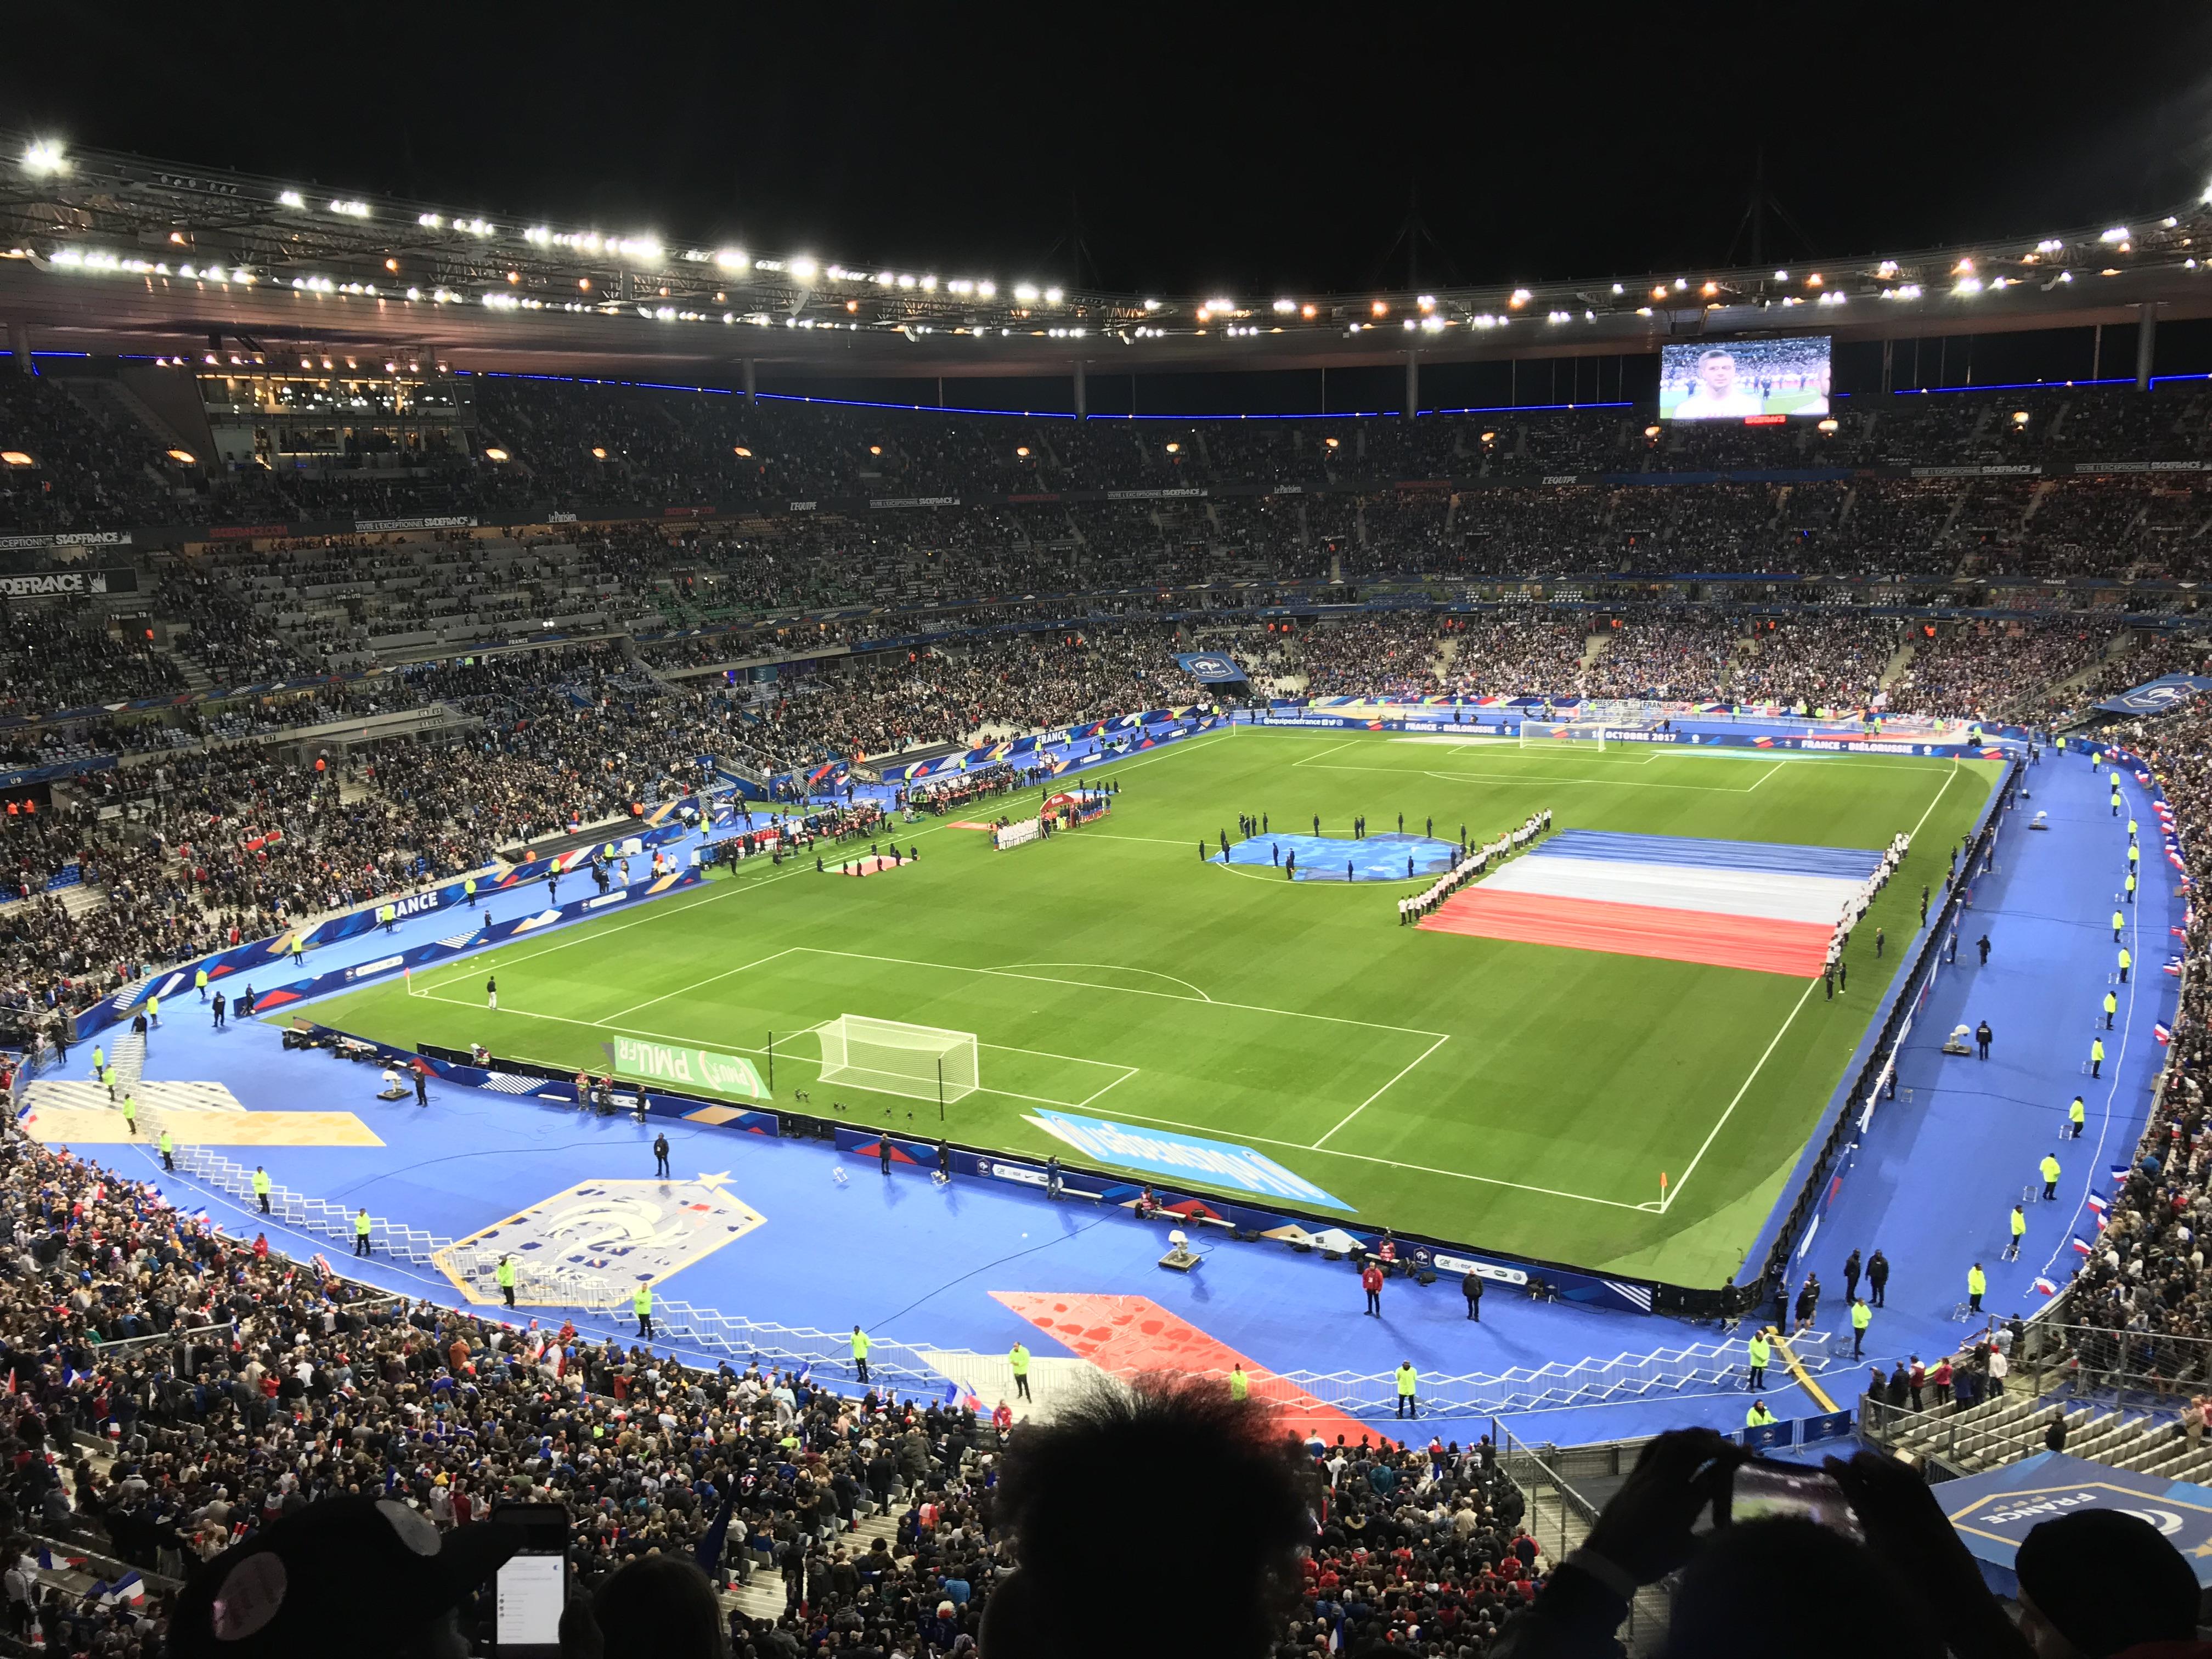 9e64df1970b France v Belarus at the Stade de France in October 2017.